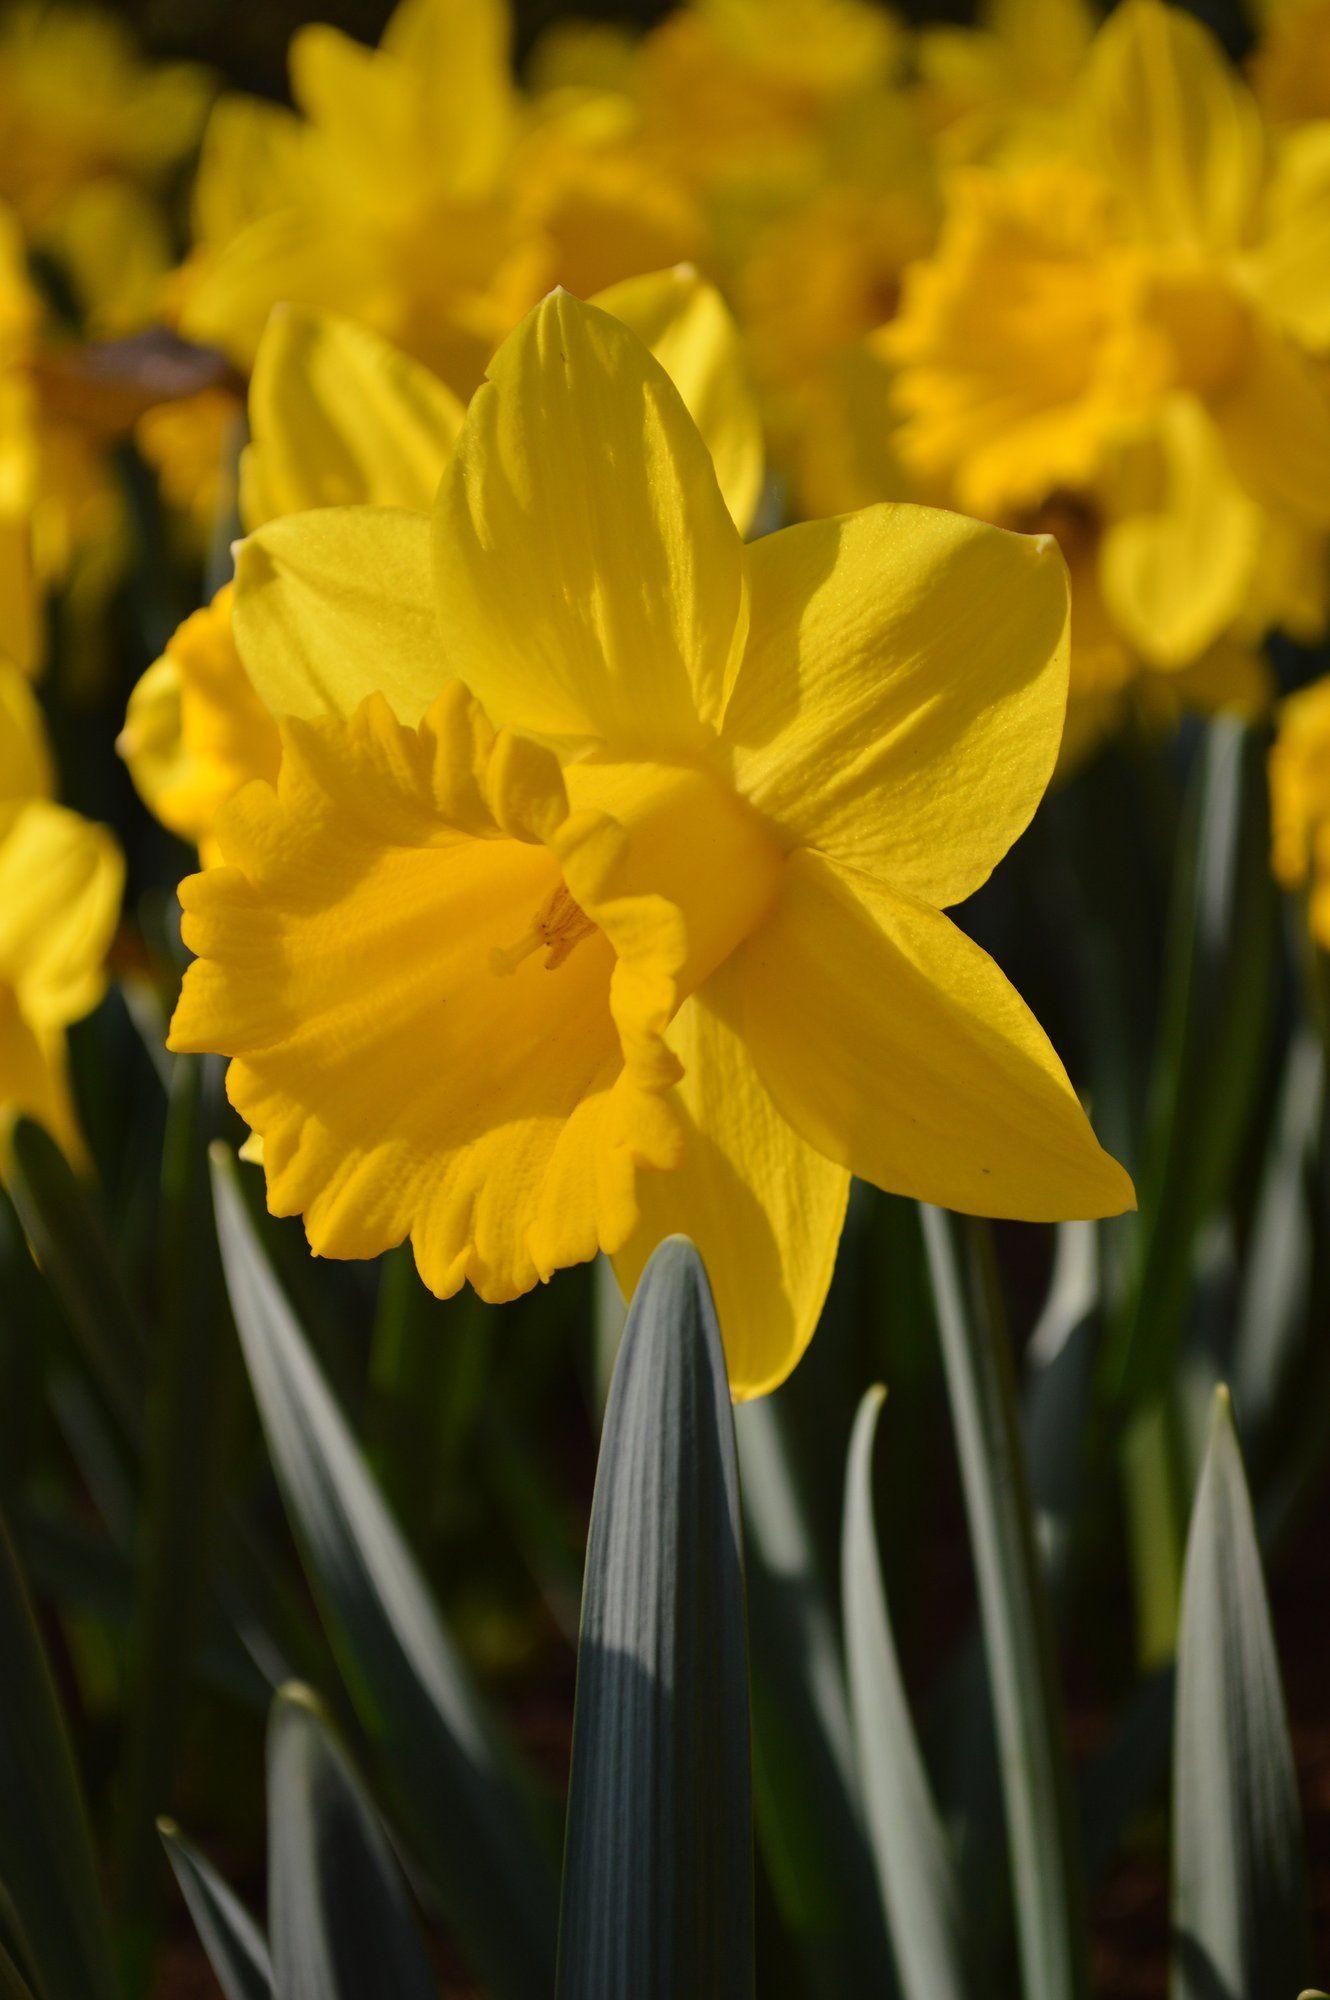 Daffodil Dutch Master Daffodil Bulbs Daffodils Bulb Flowers